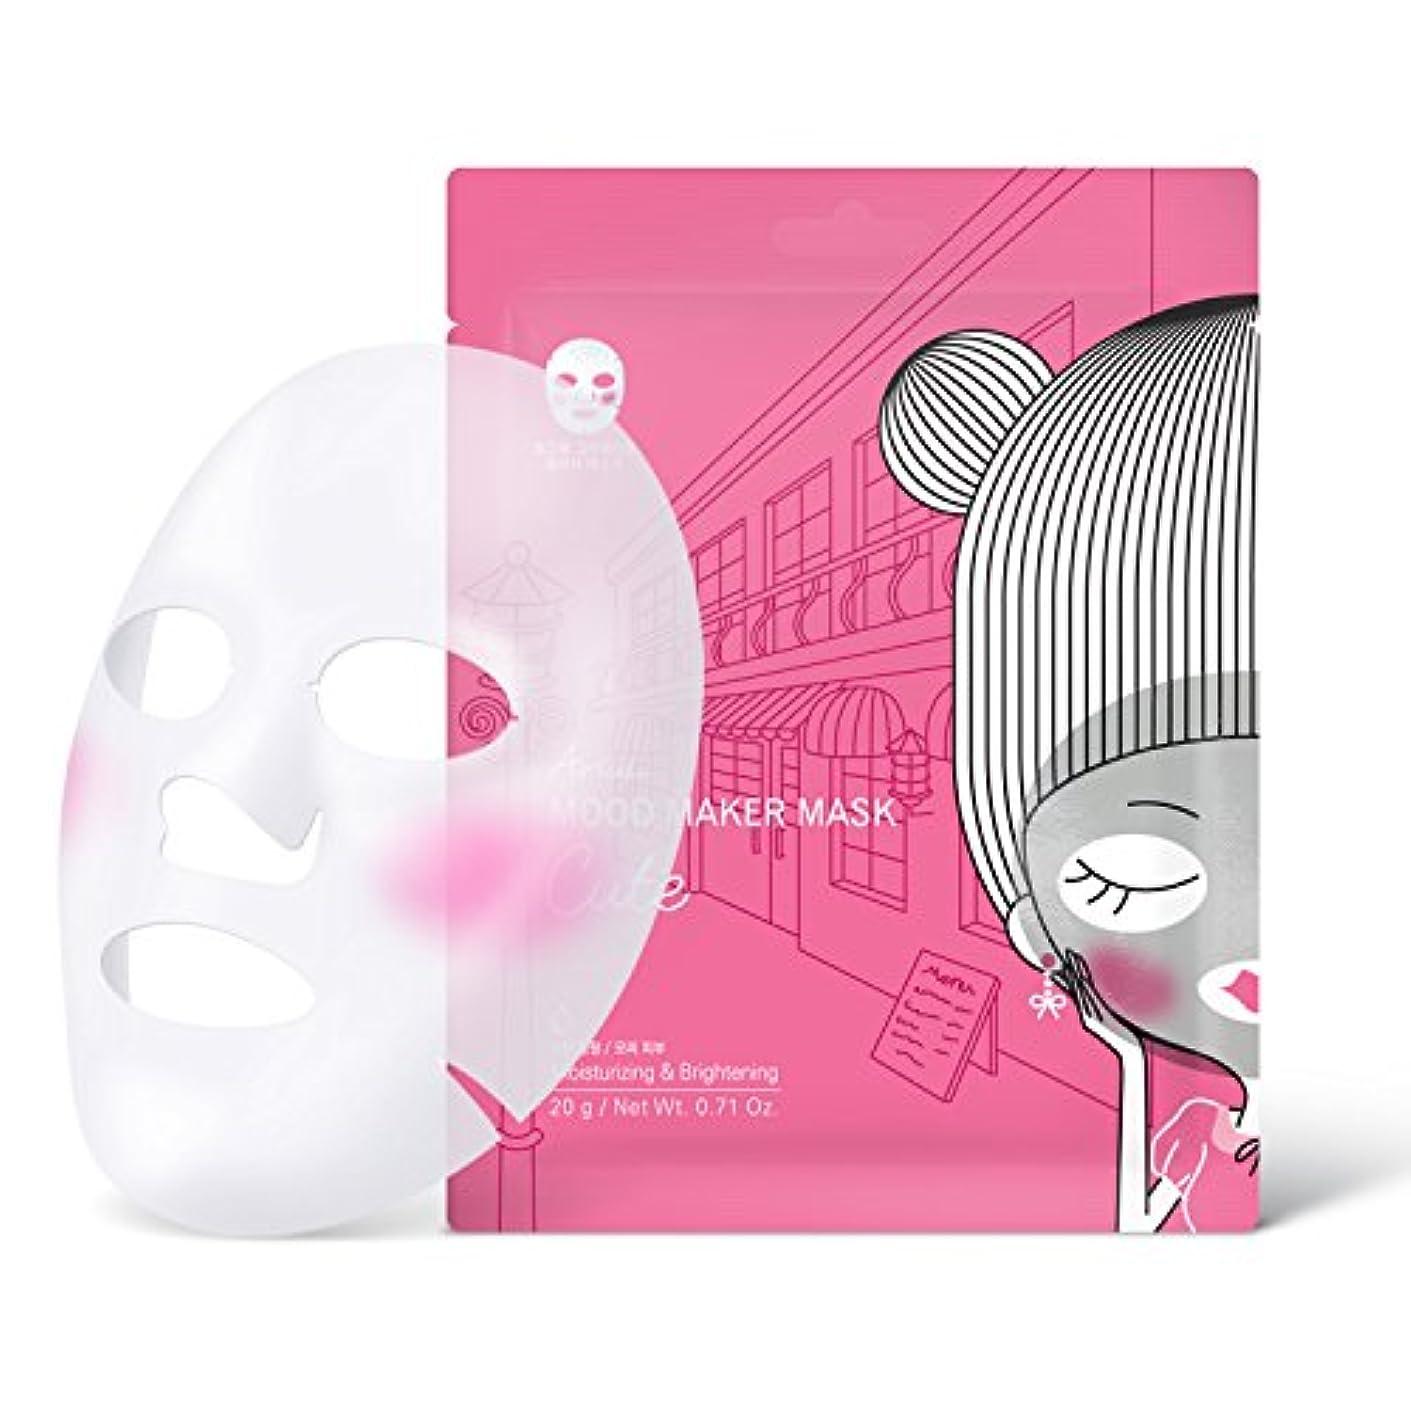 アリウル ムードメーカーマスク キュート 1枚入り